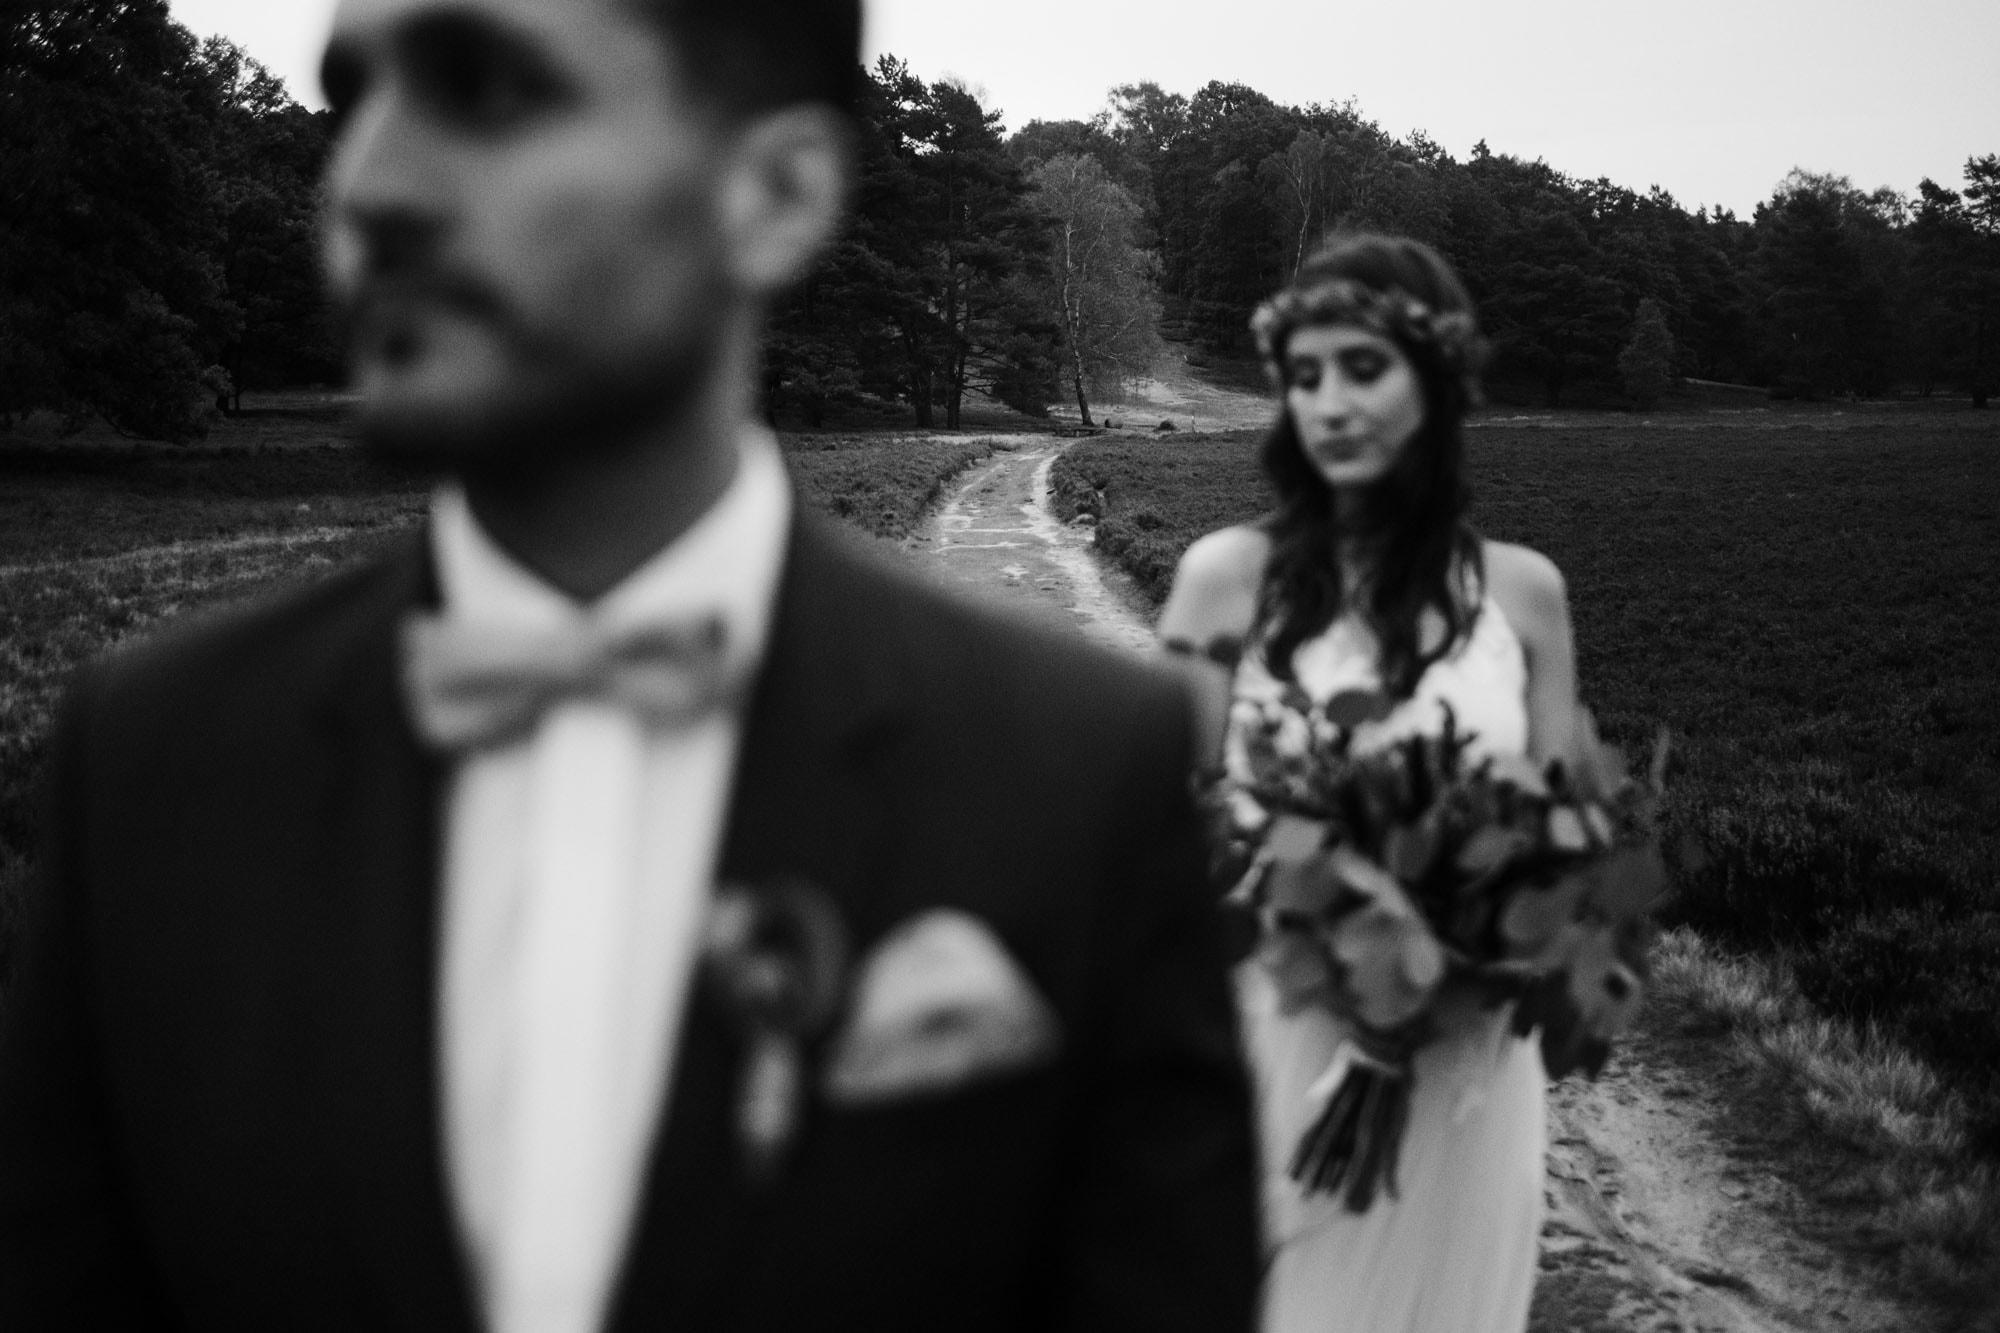 Brautpaar steht hintereinander, inmitten einer Weges in der Fischbeker Heide. Der Fokus des Bildes liegt auf dem Weg.